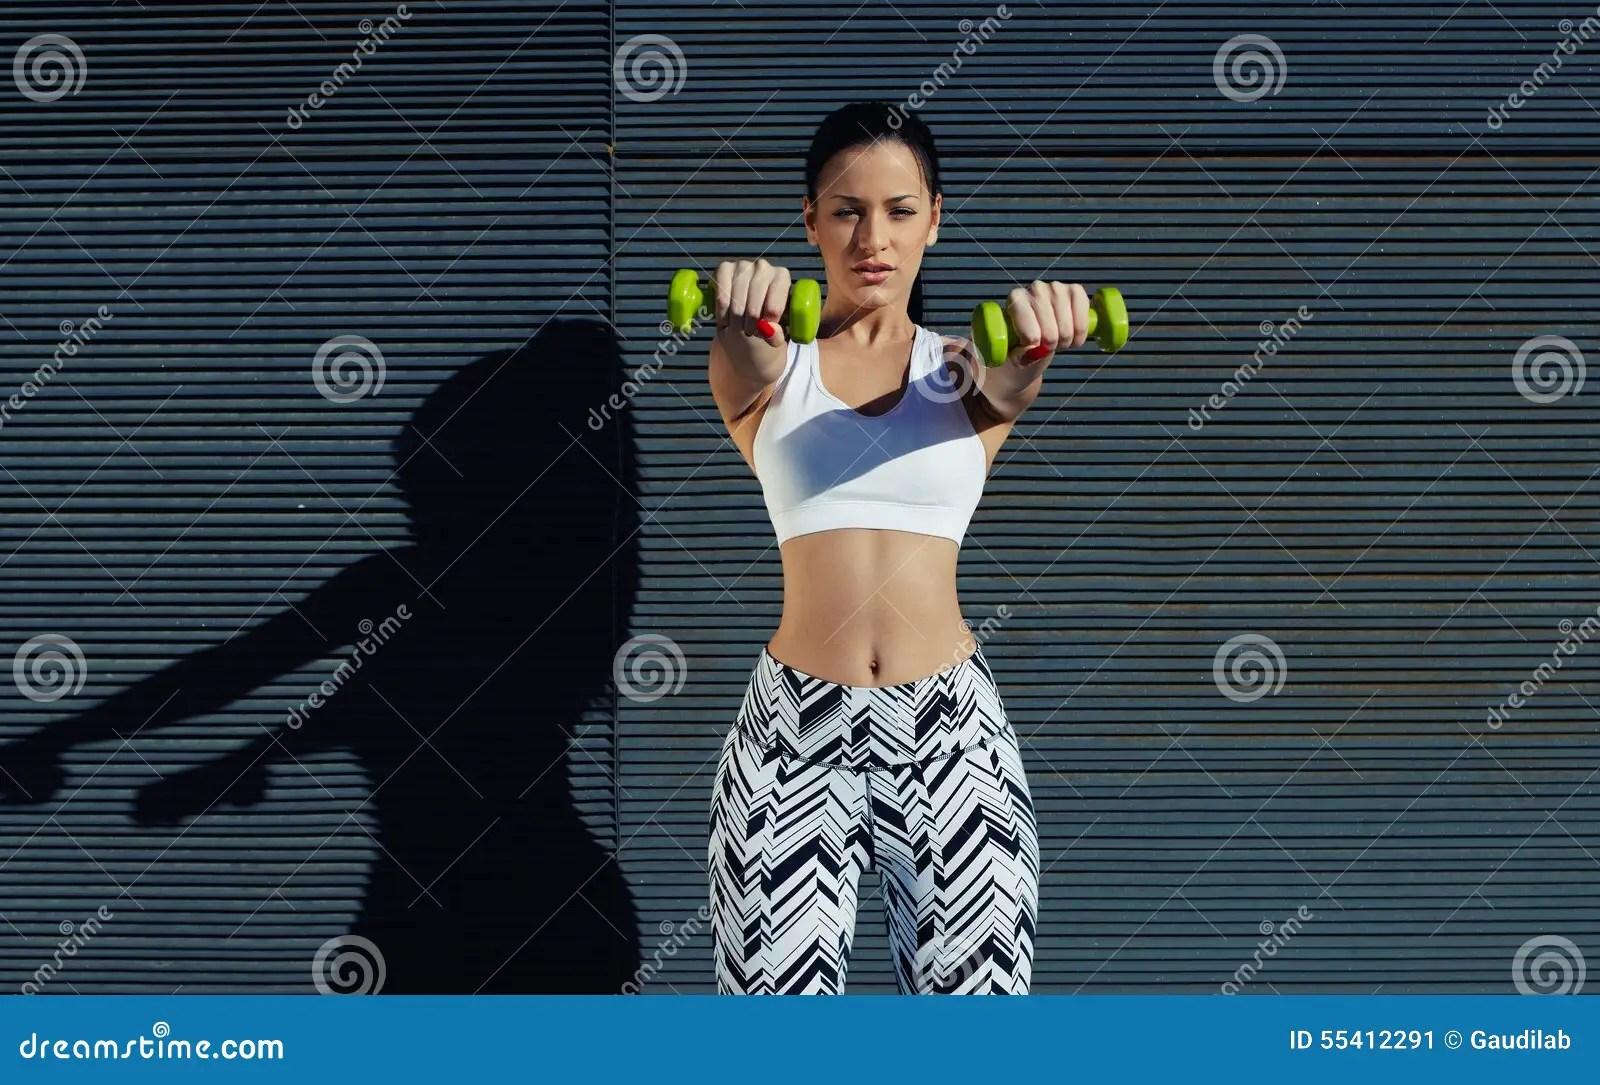 Fitness Motivation Cartoons